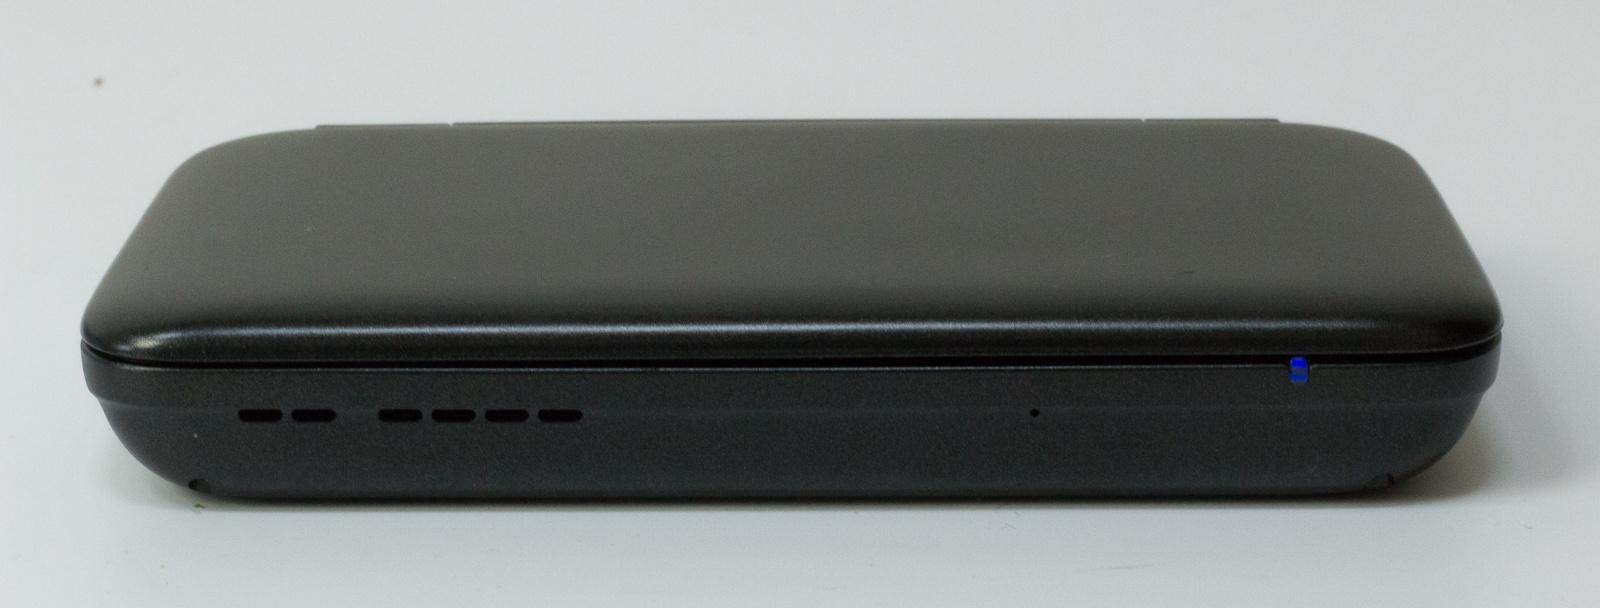 """GPD Win — исследуем миниатюрный ноутбук с диагональю 5.5"""", предназначенный для игр и эмуляторов - 14"""